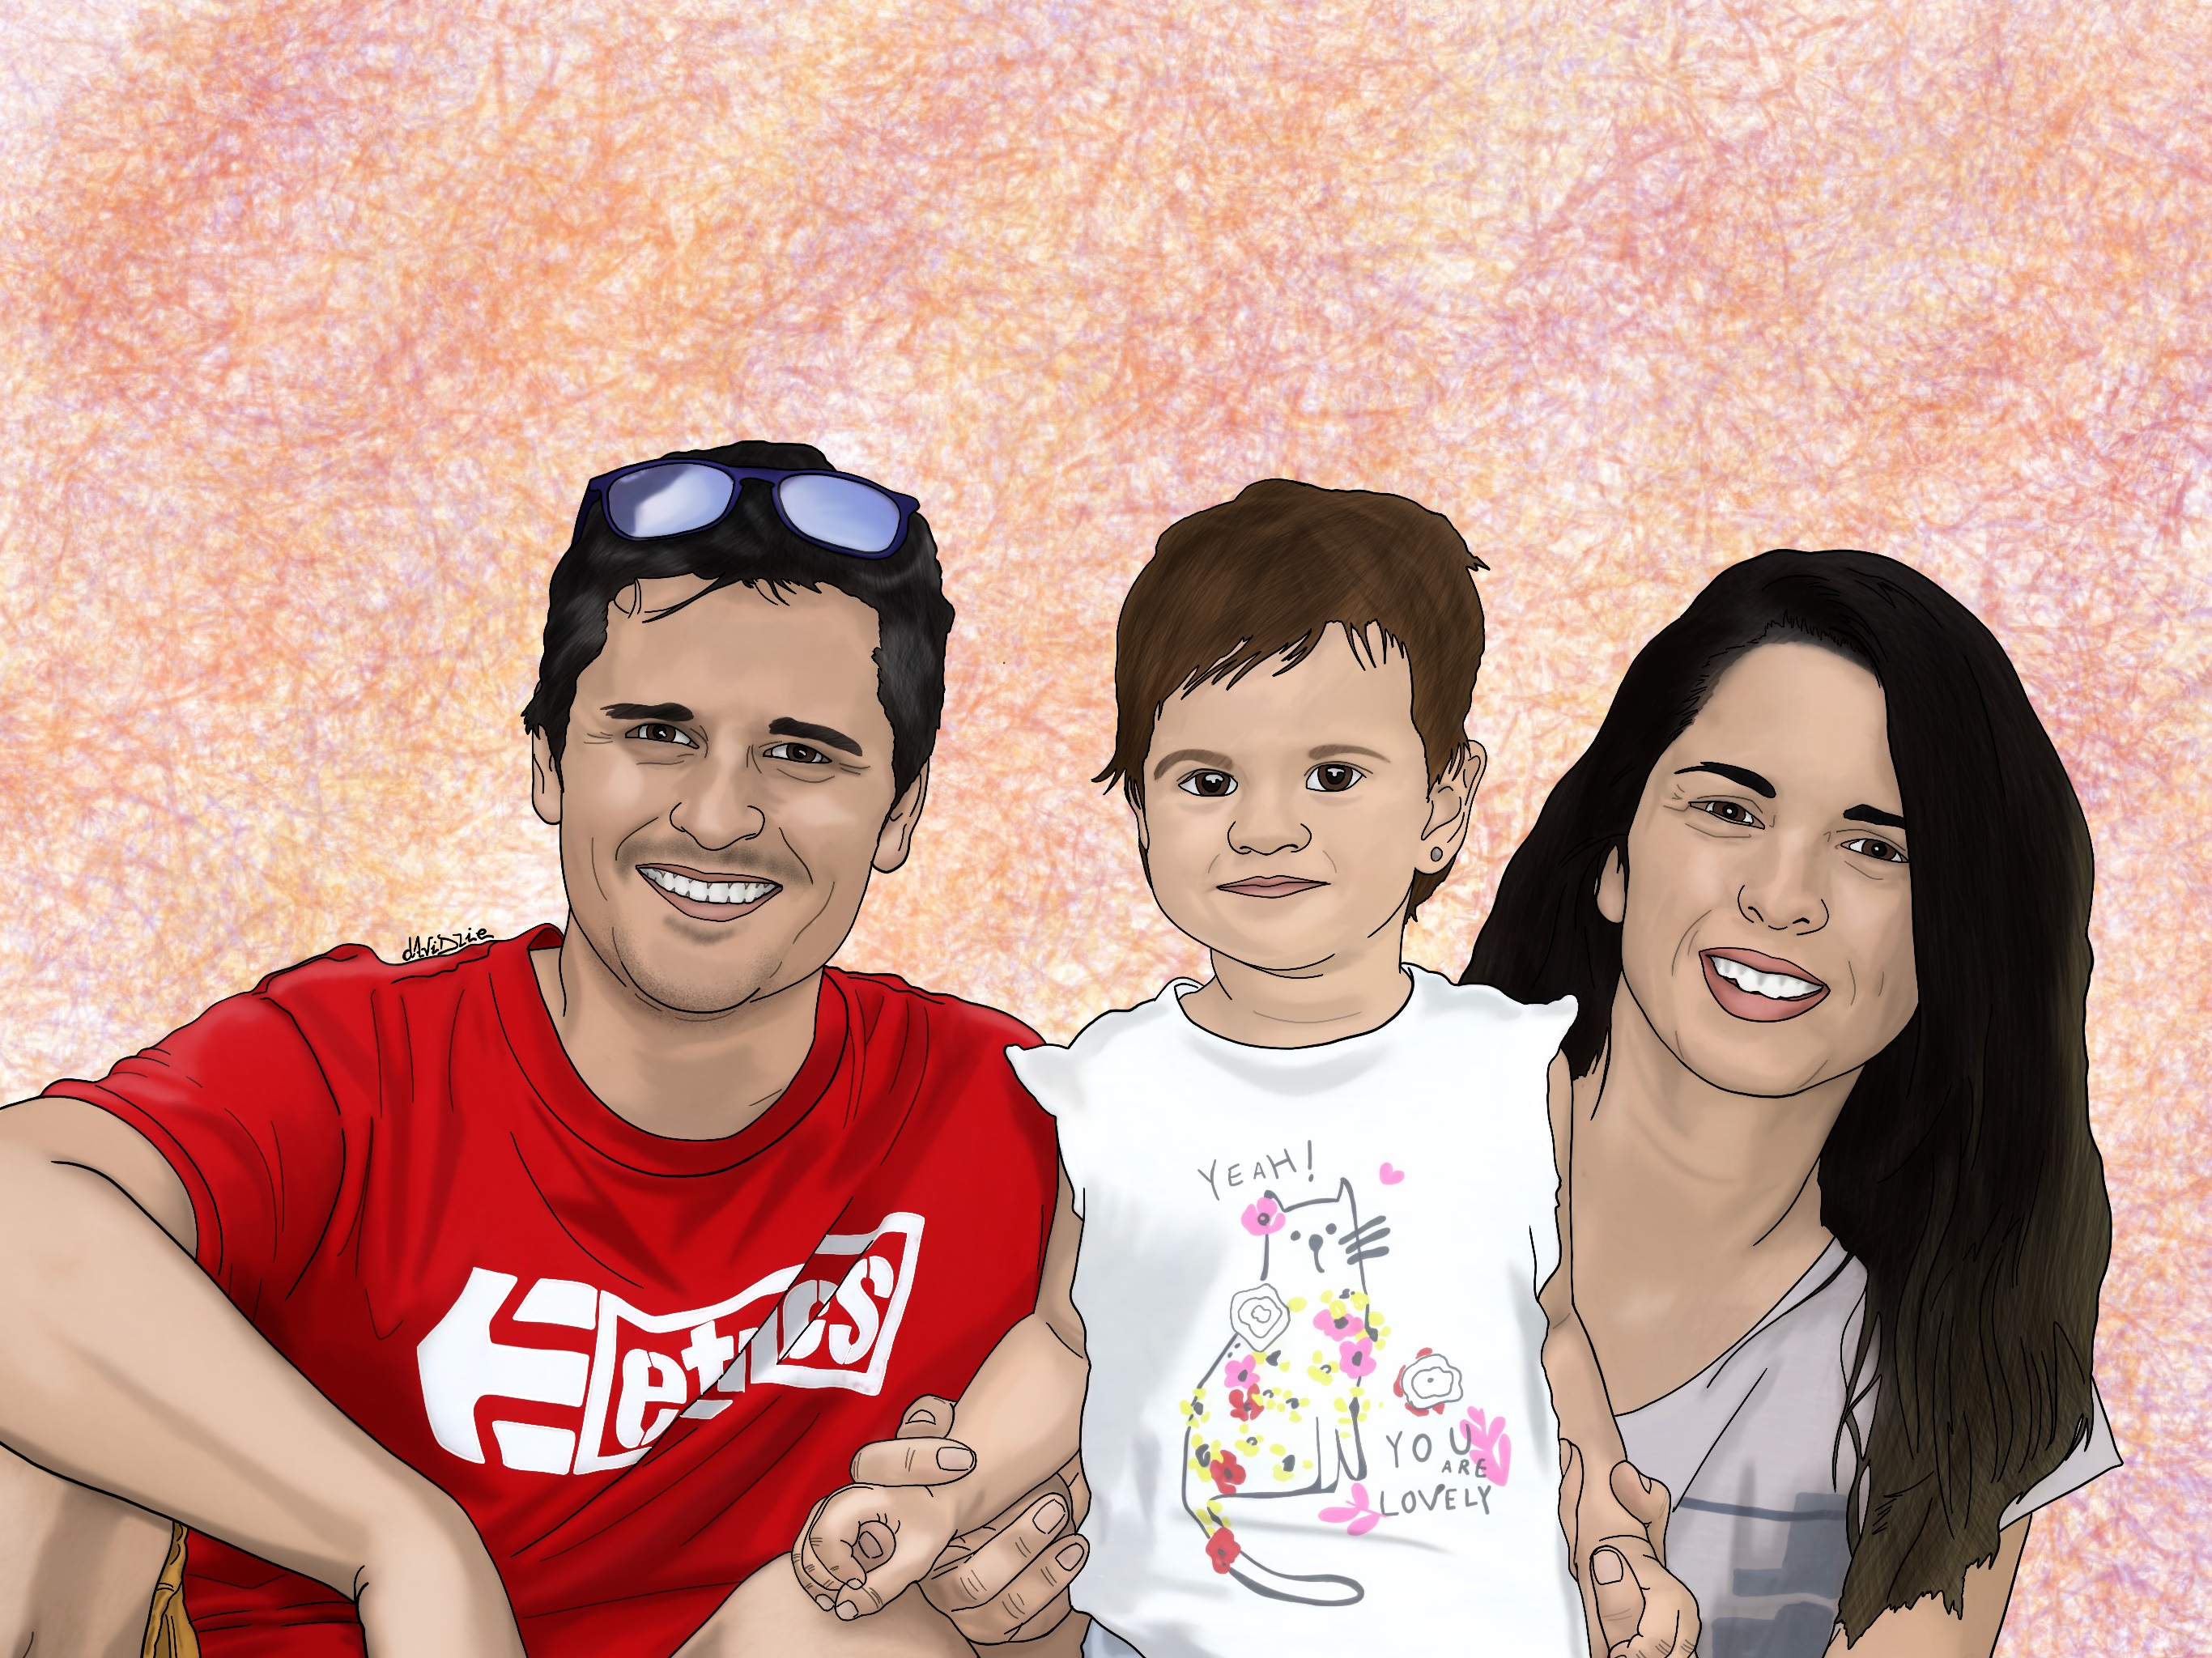 Retratos__David_Pallás_Gozalo_Felicidad.